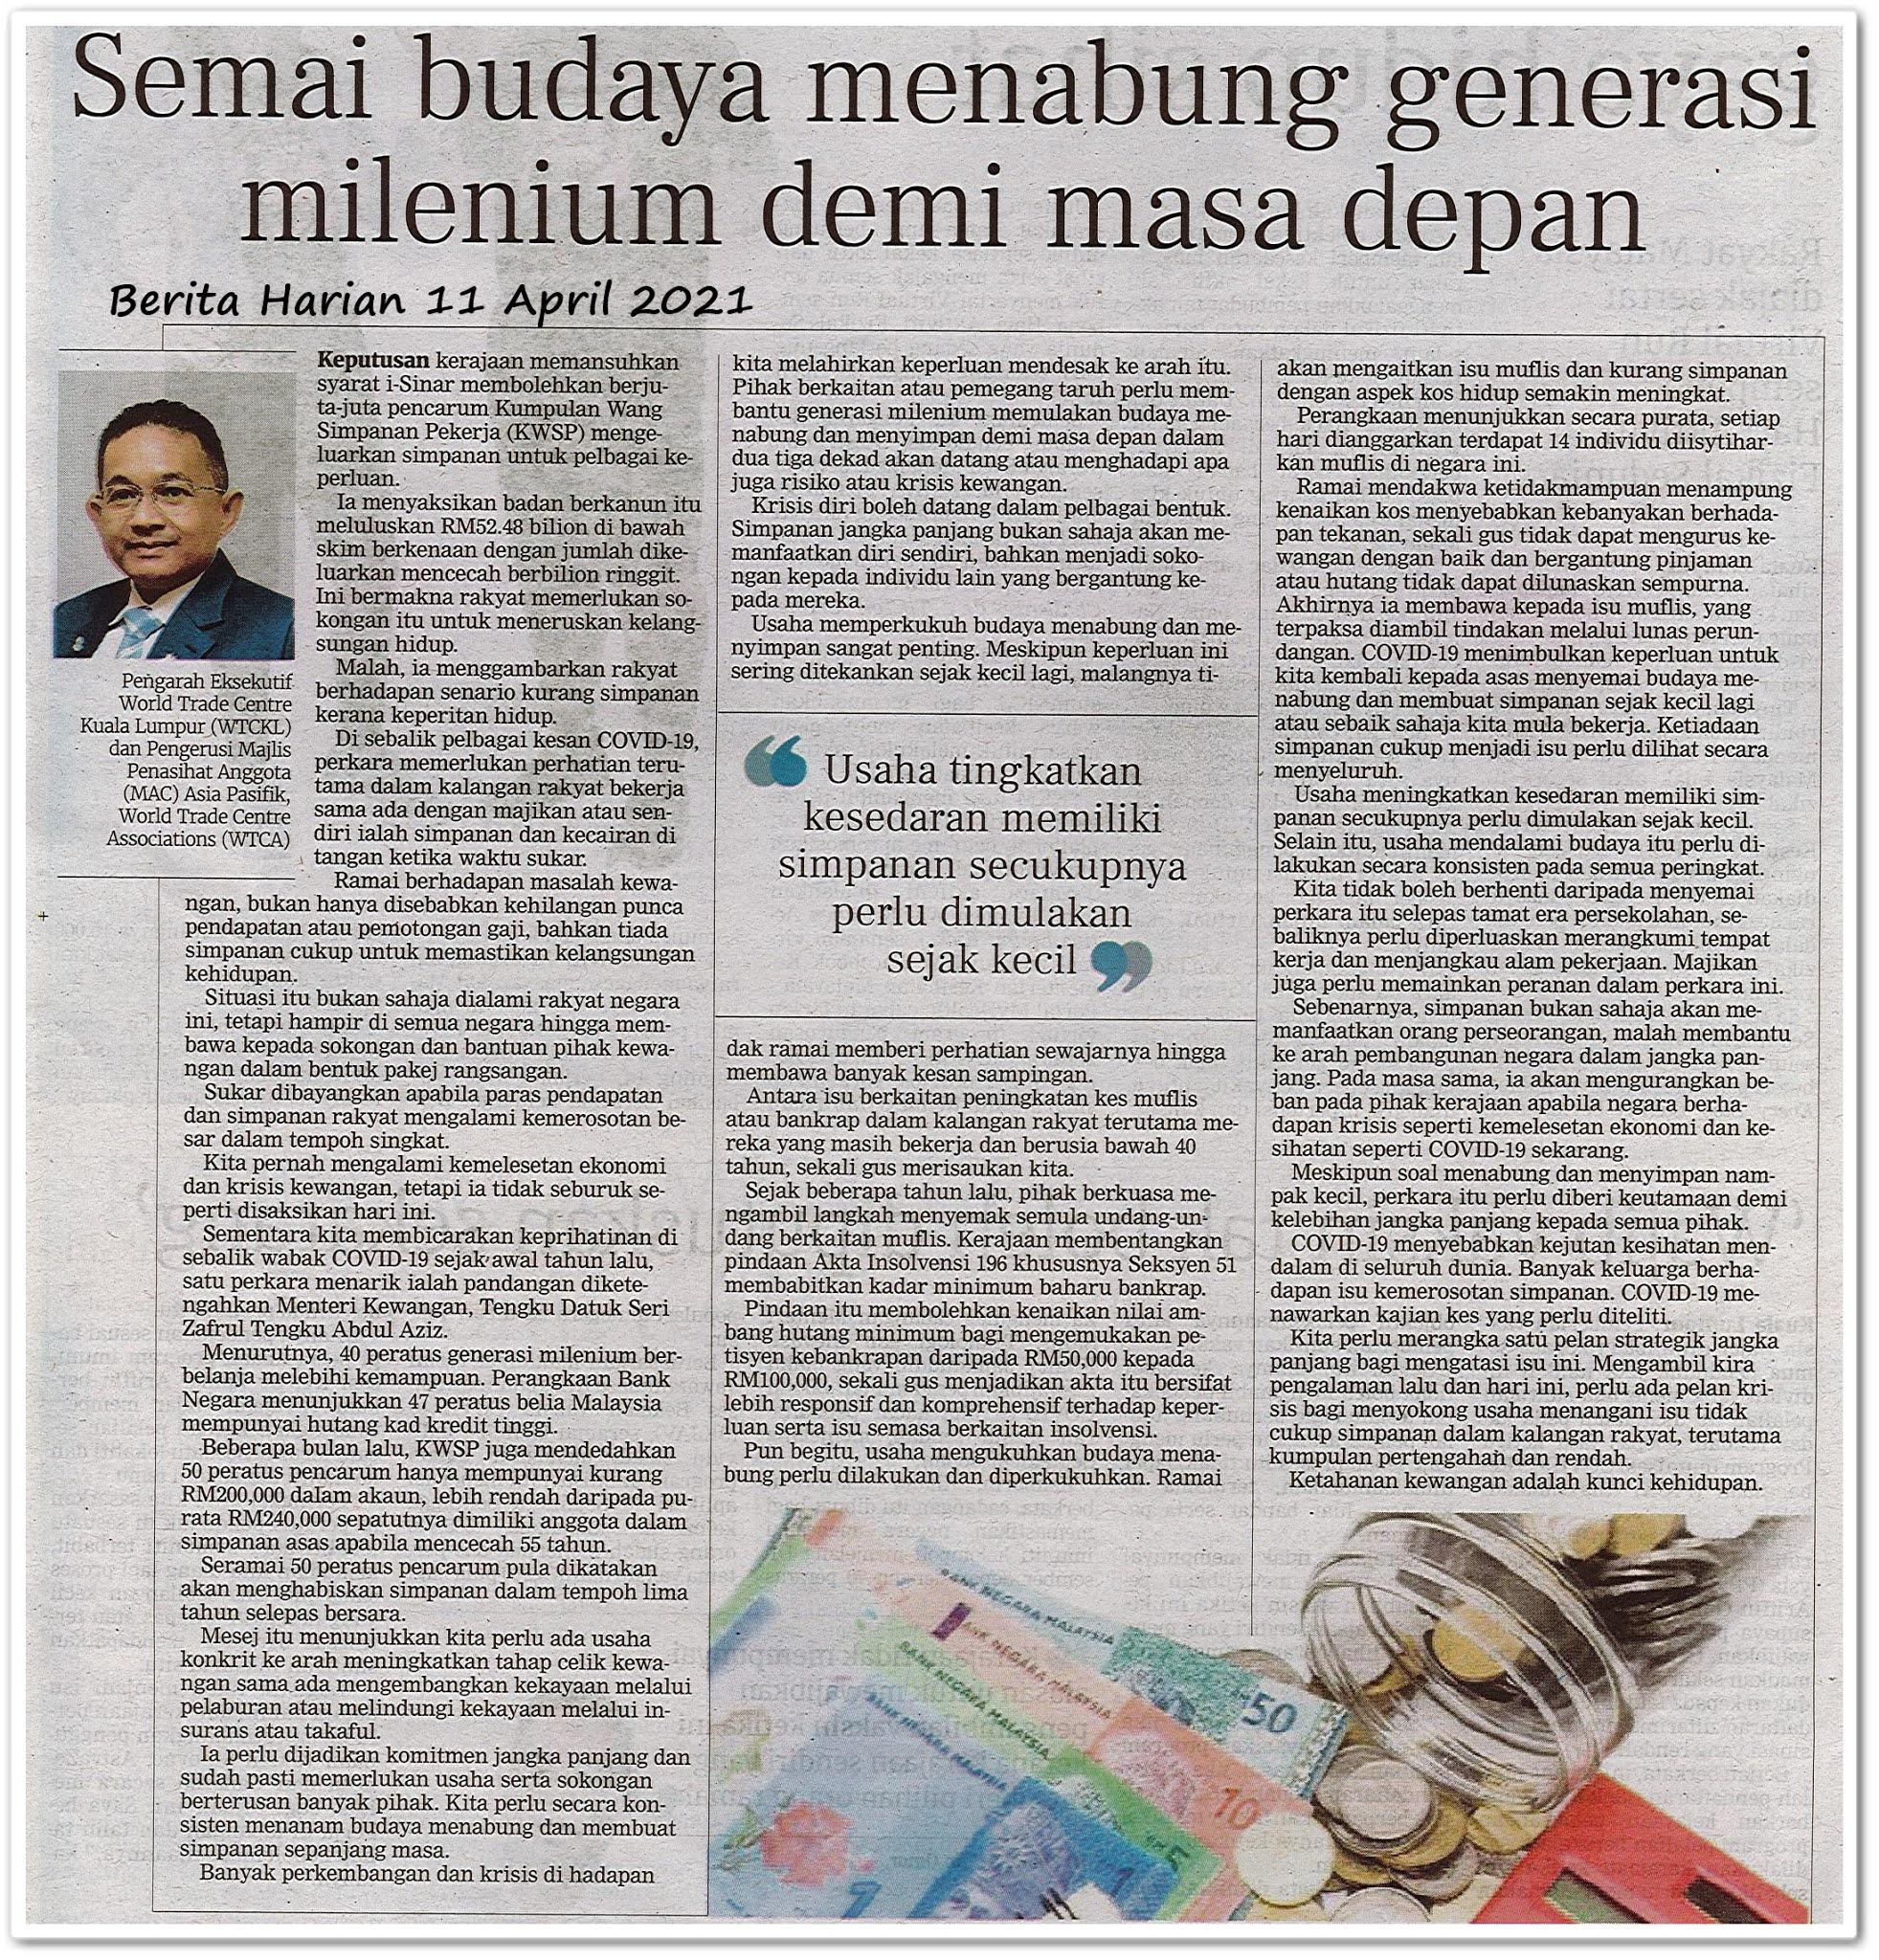 Semai budaya menabung generasi milenium demi masa depan - Keratan akhbar Berita Harian 11 April 2021